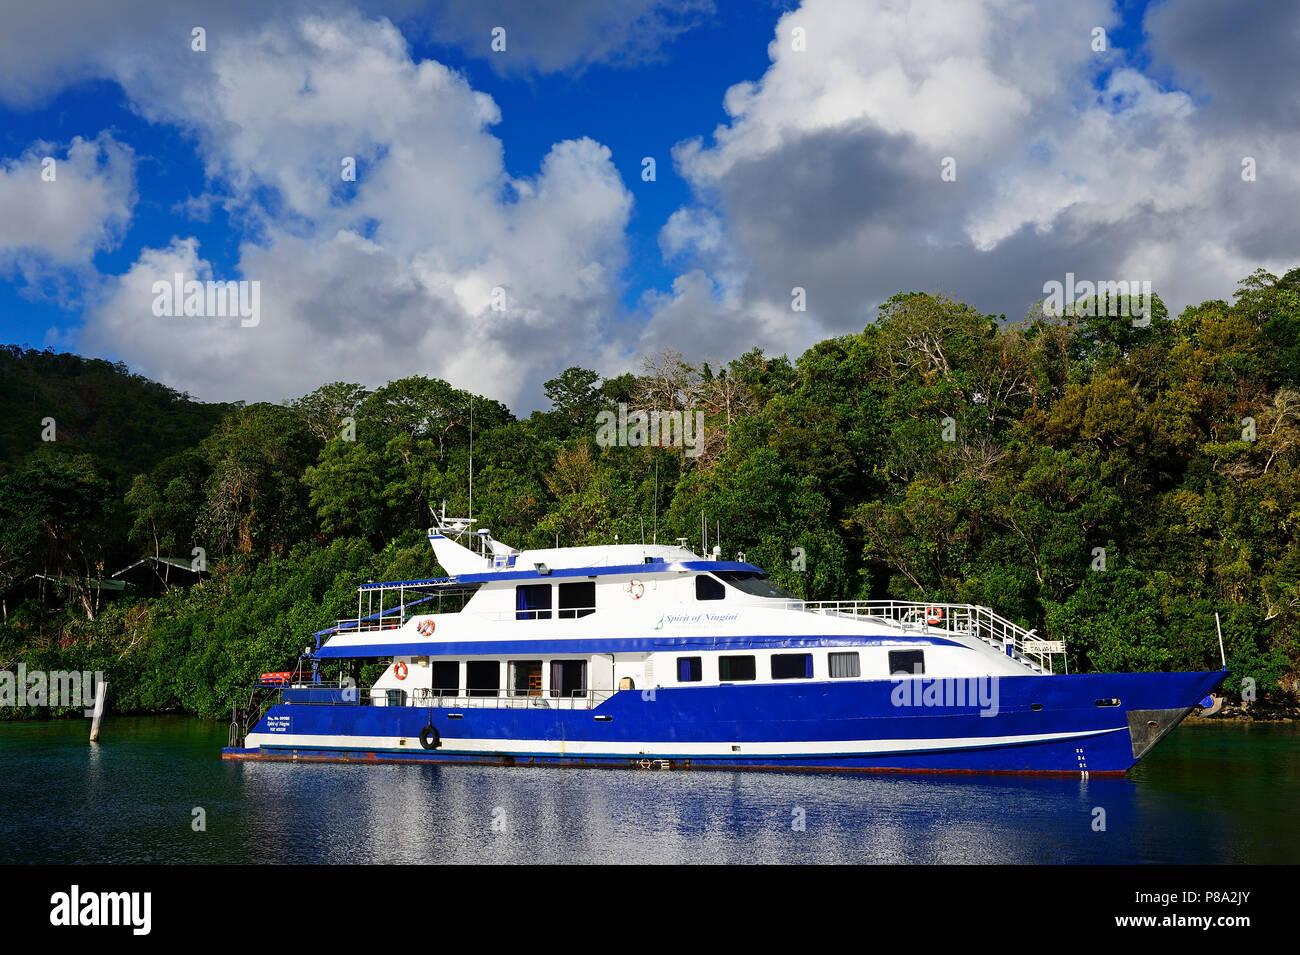 Diving boat, Tawali Island, Milne Bay, Alotau, Papua New Guinea, Oceania - Stock Image